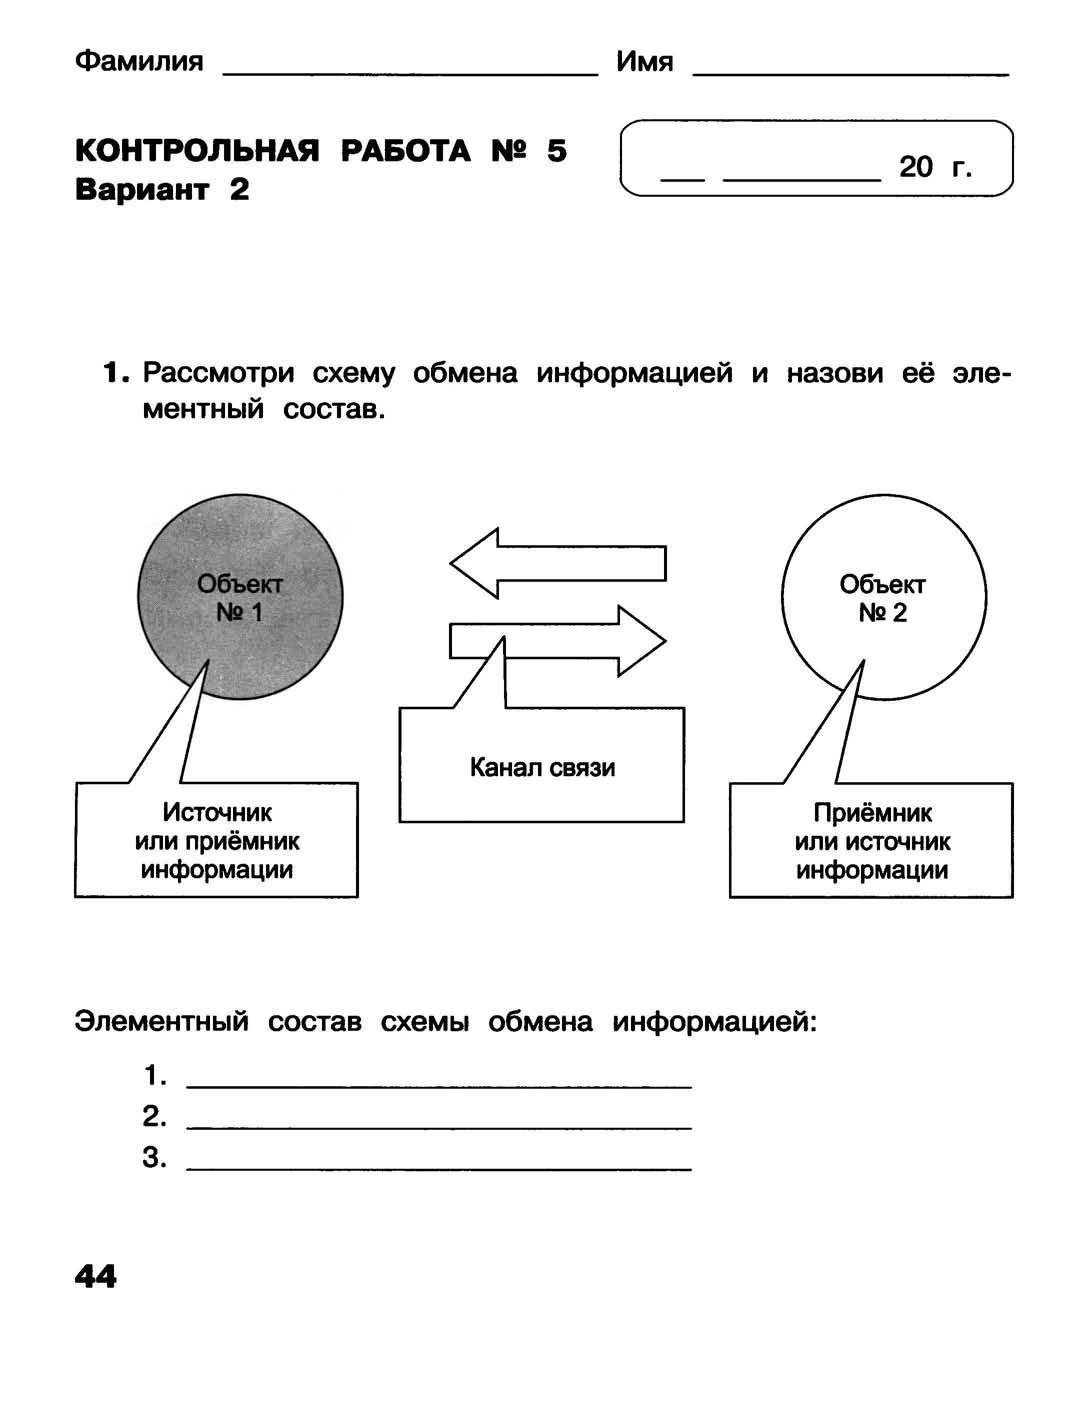 Передача информации контрольная работа 474